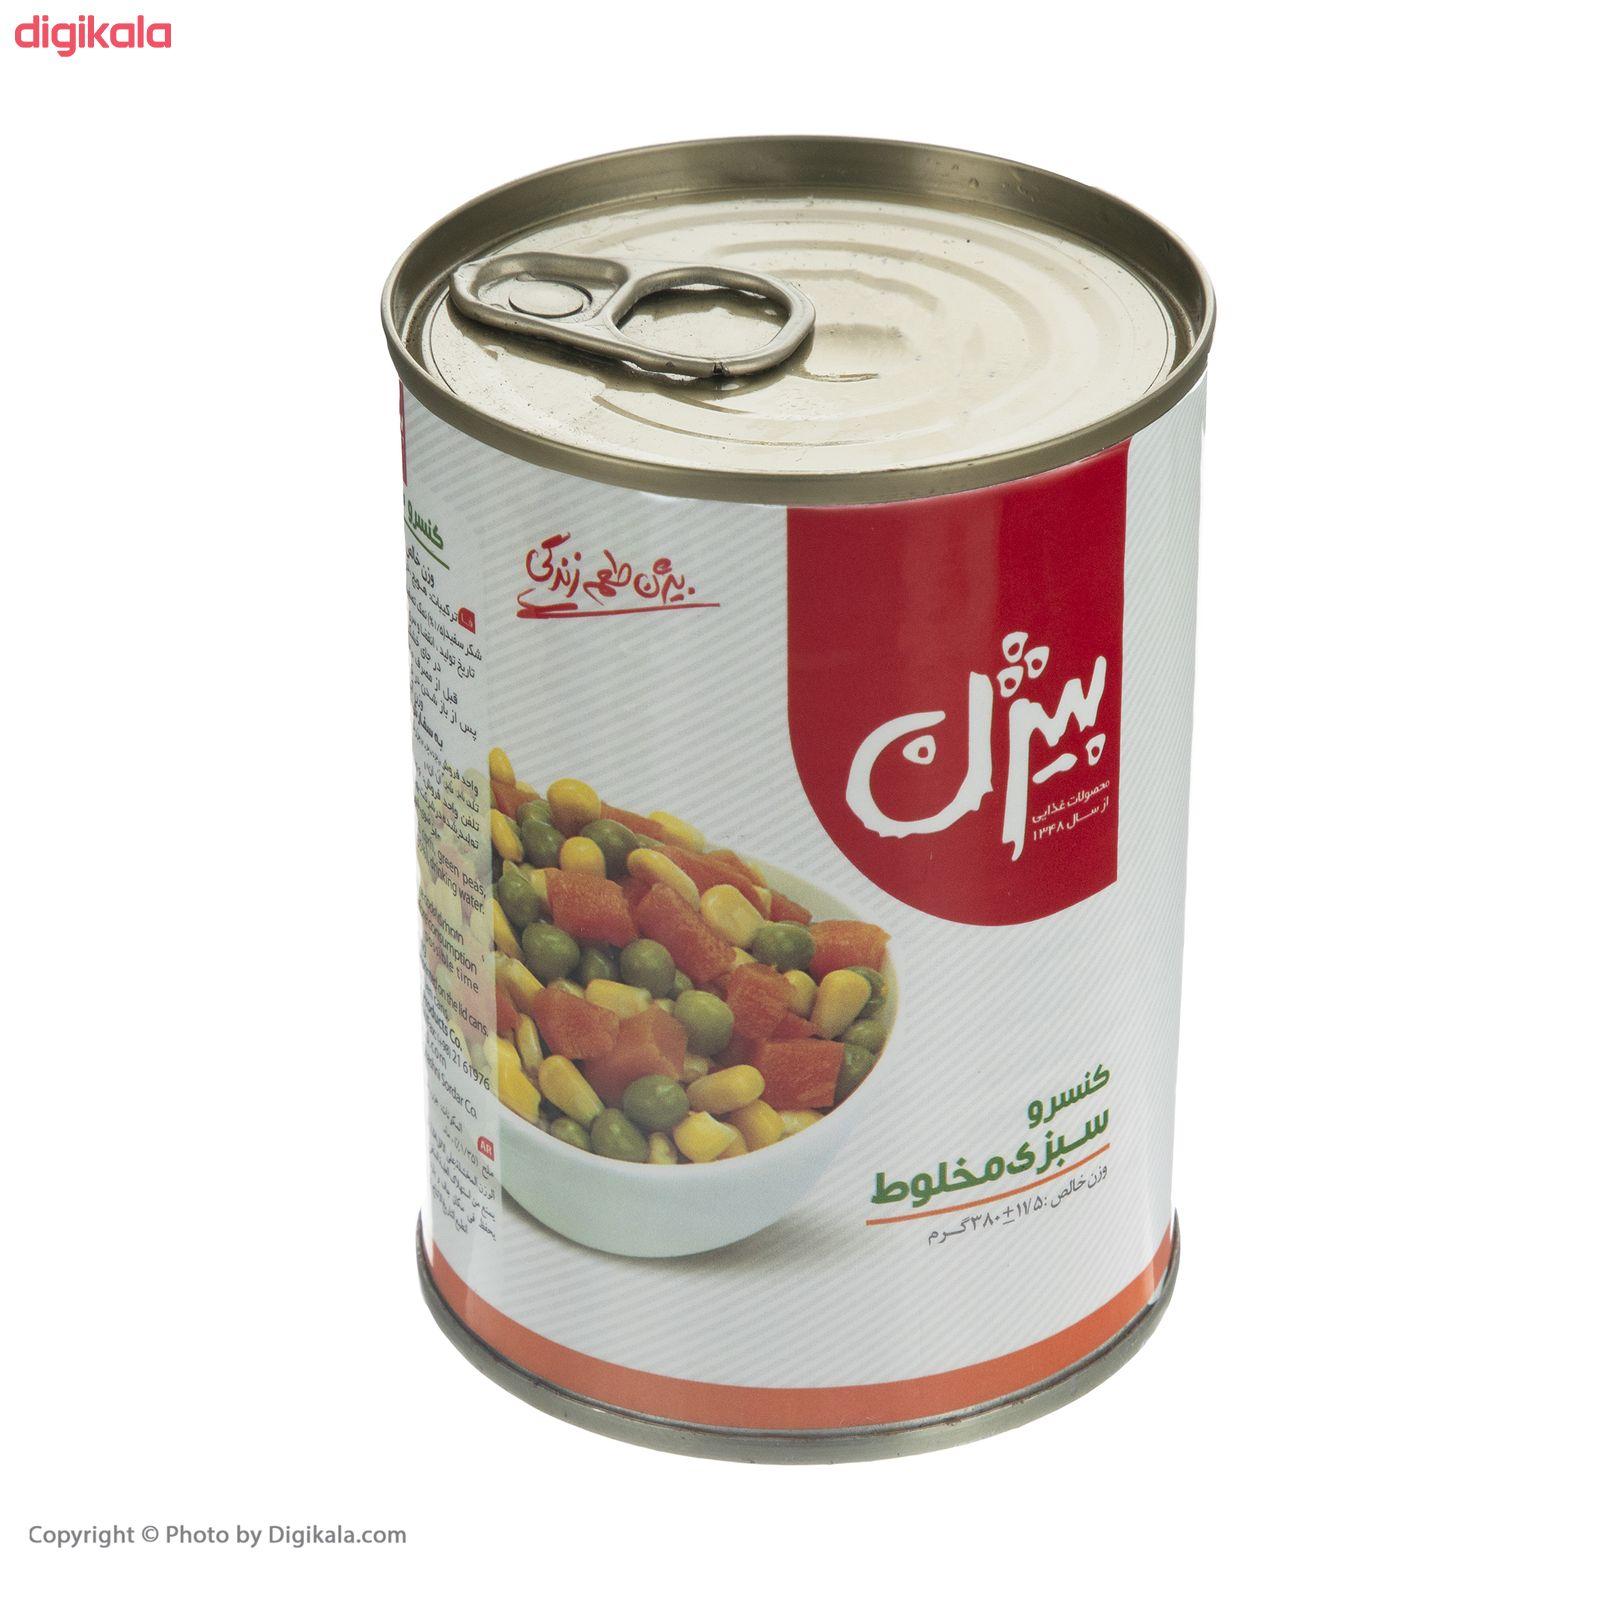 کنسرو سبزی مخلوط بیژن - 380 گرم main 1 3